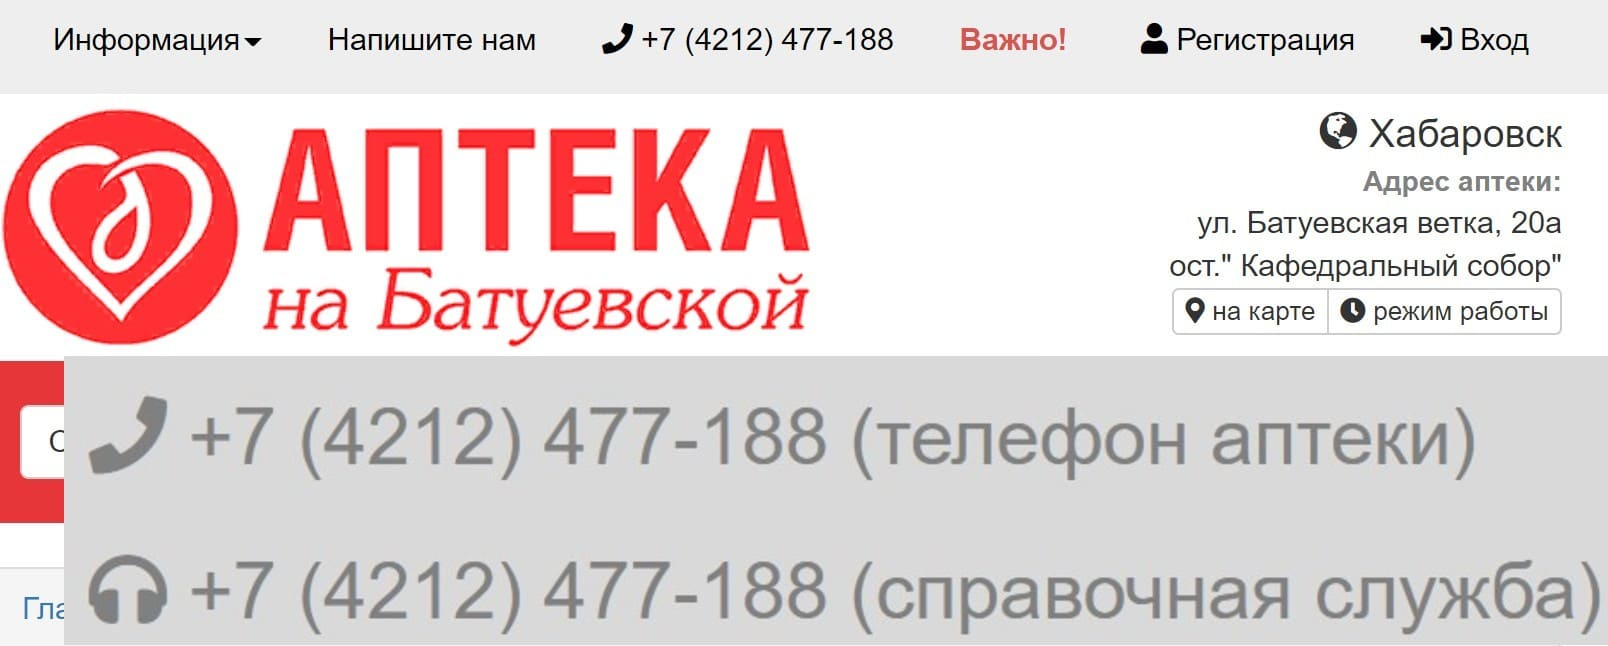 Аптека на Батуевской сайт